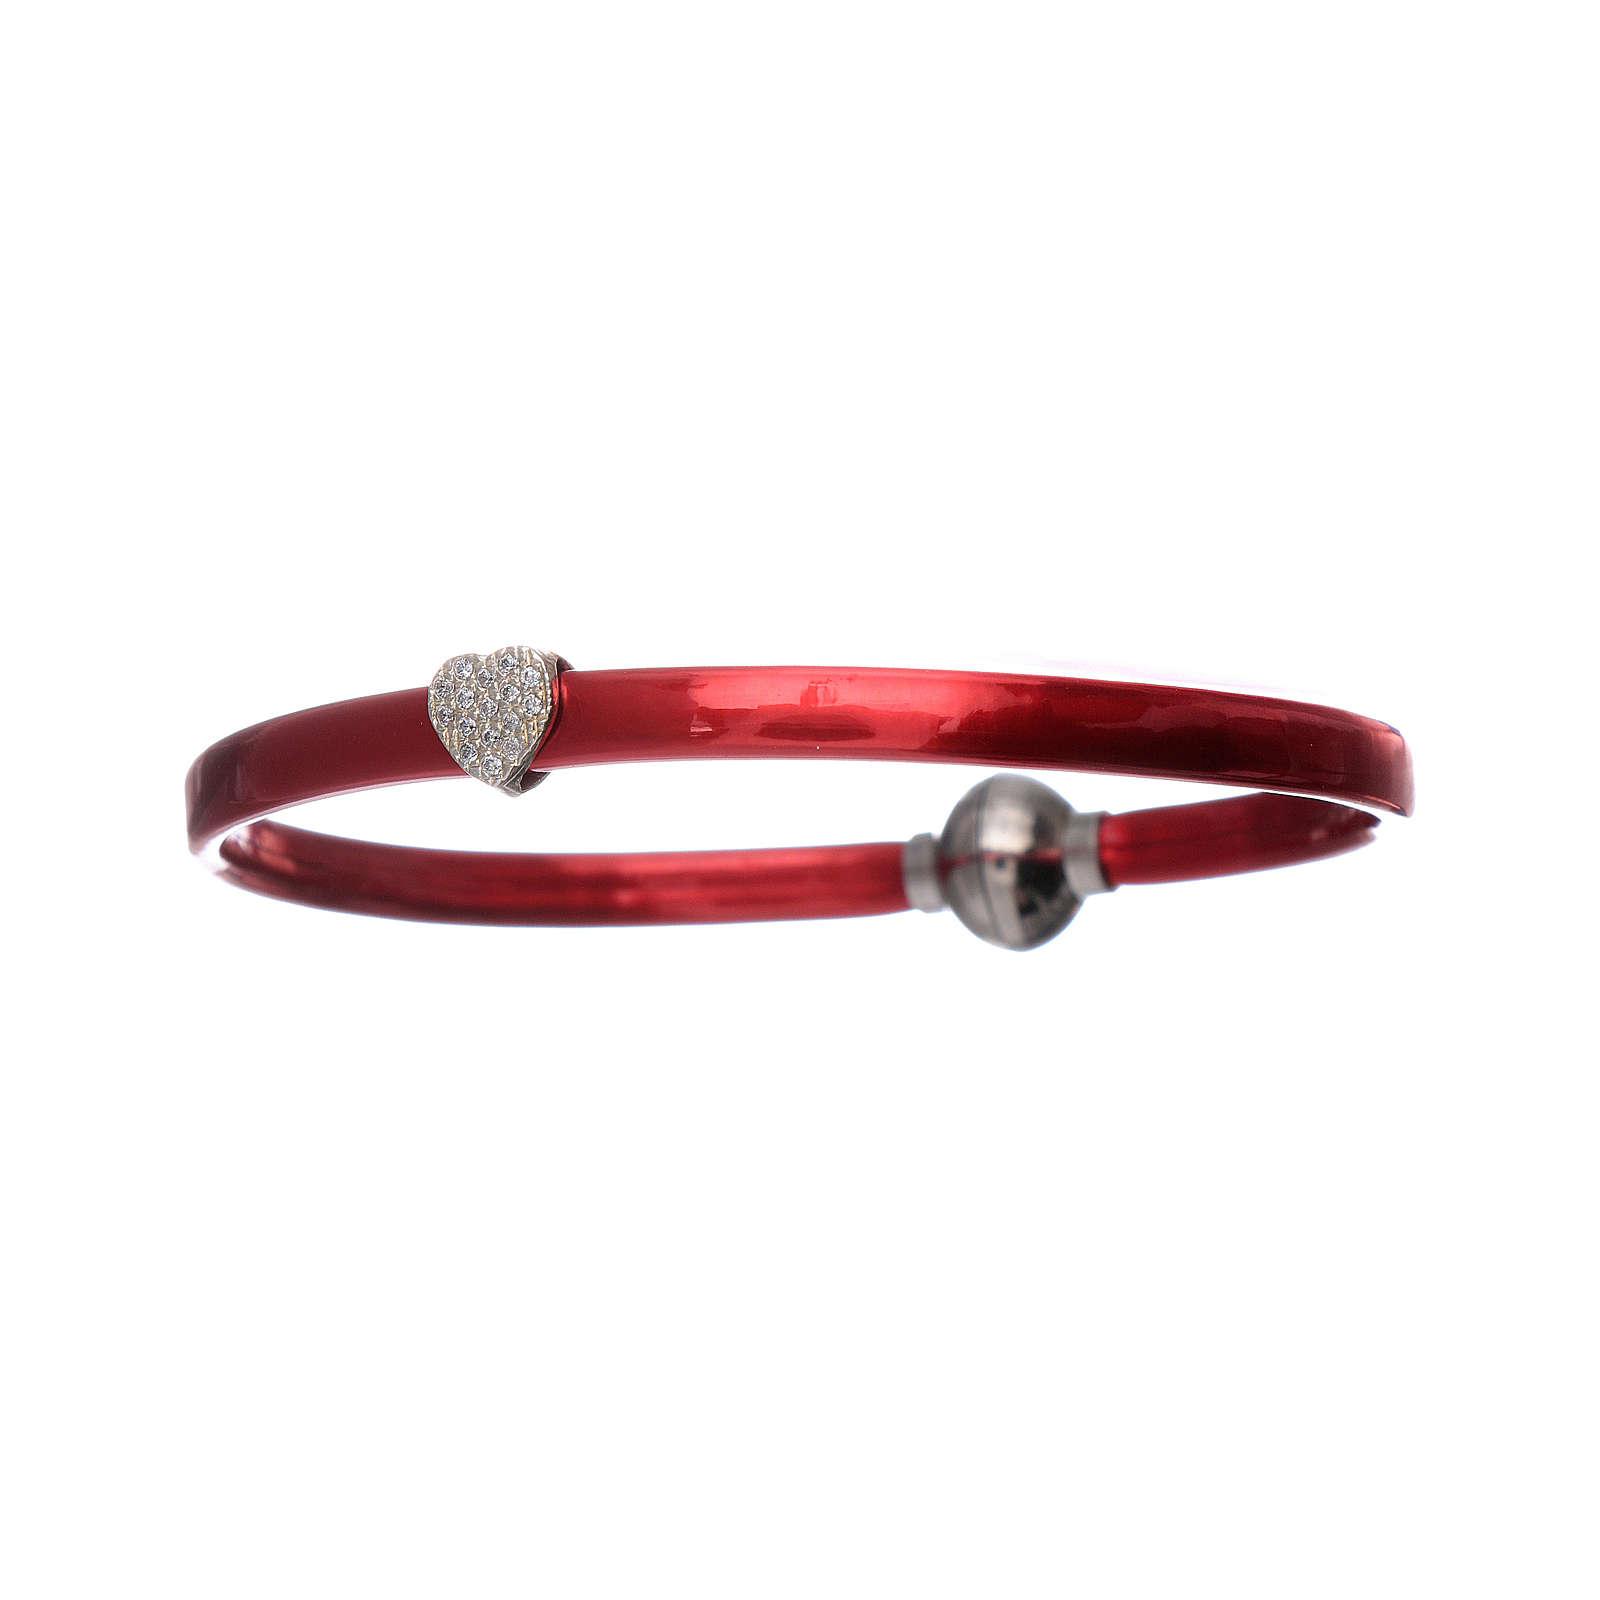 Pulsera AMEN de termoplástico rojo corazoncito zirconado plata 925 4